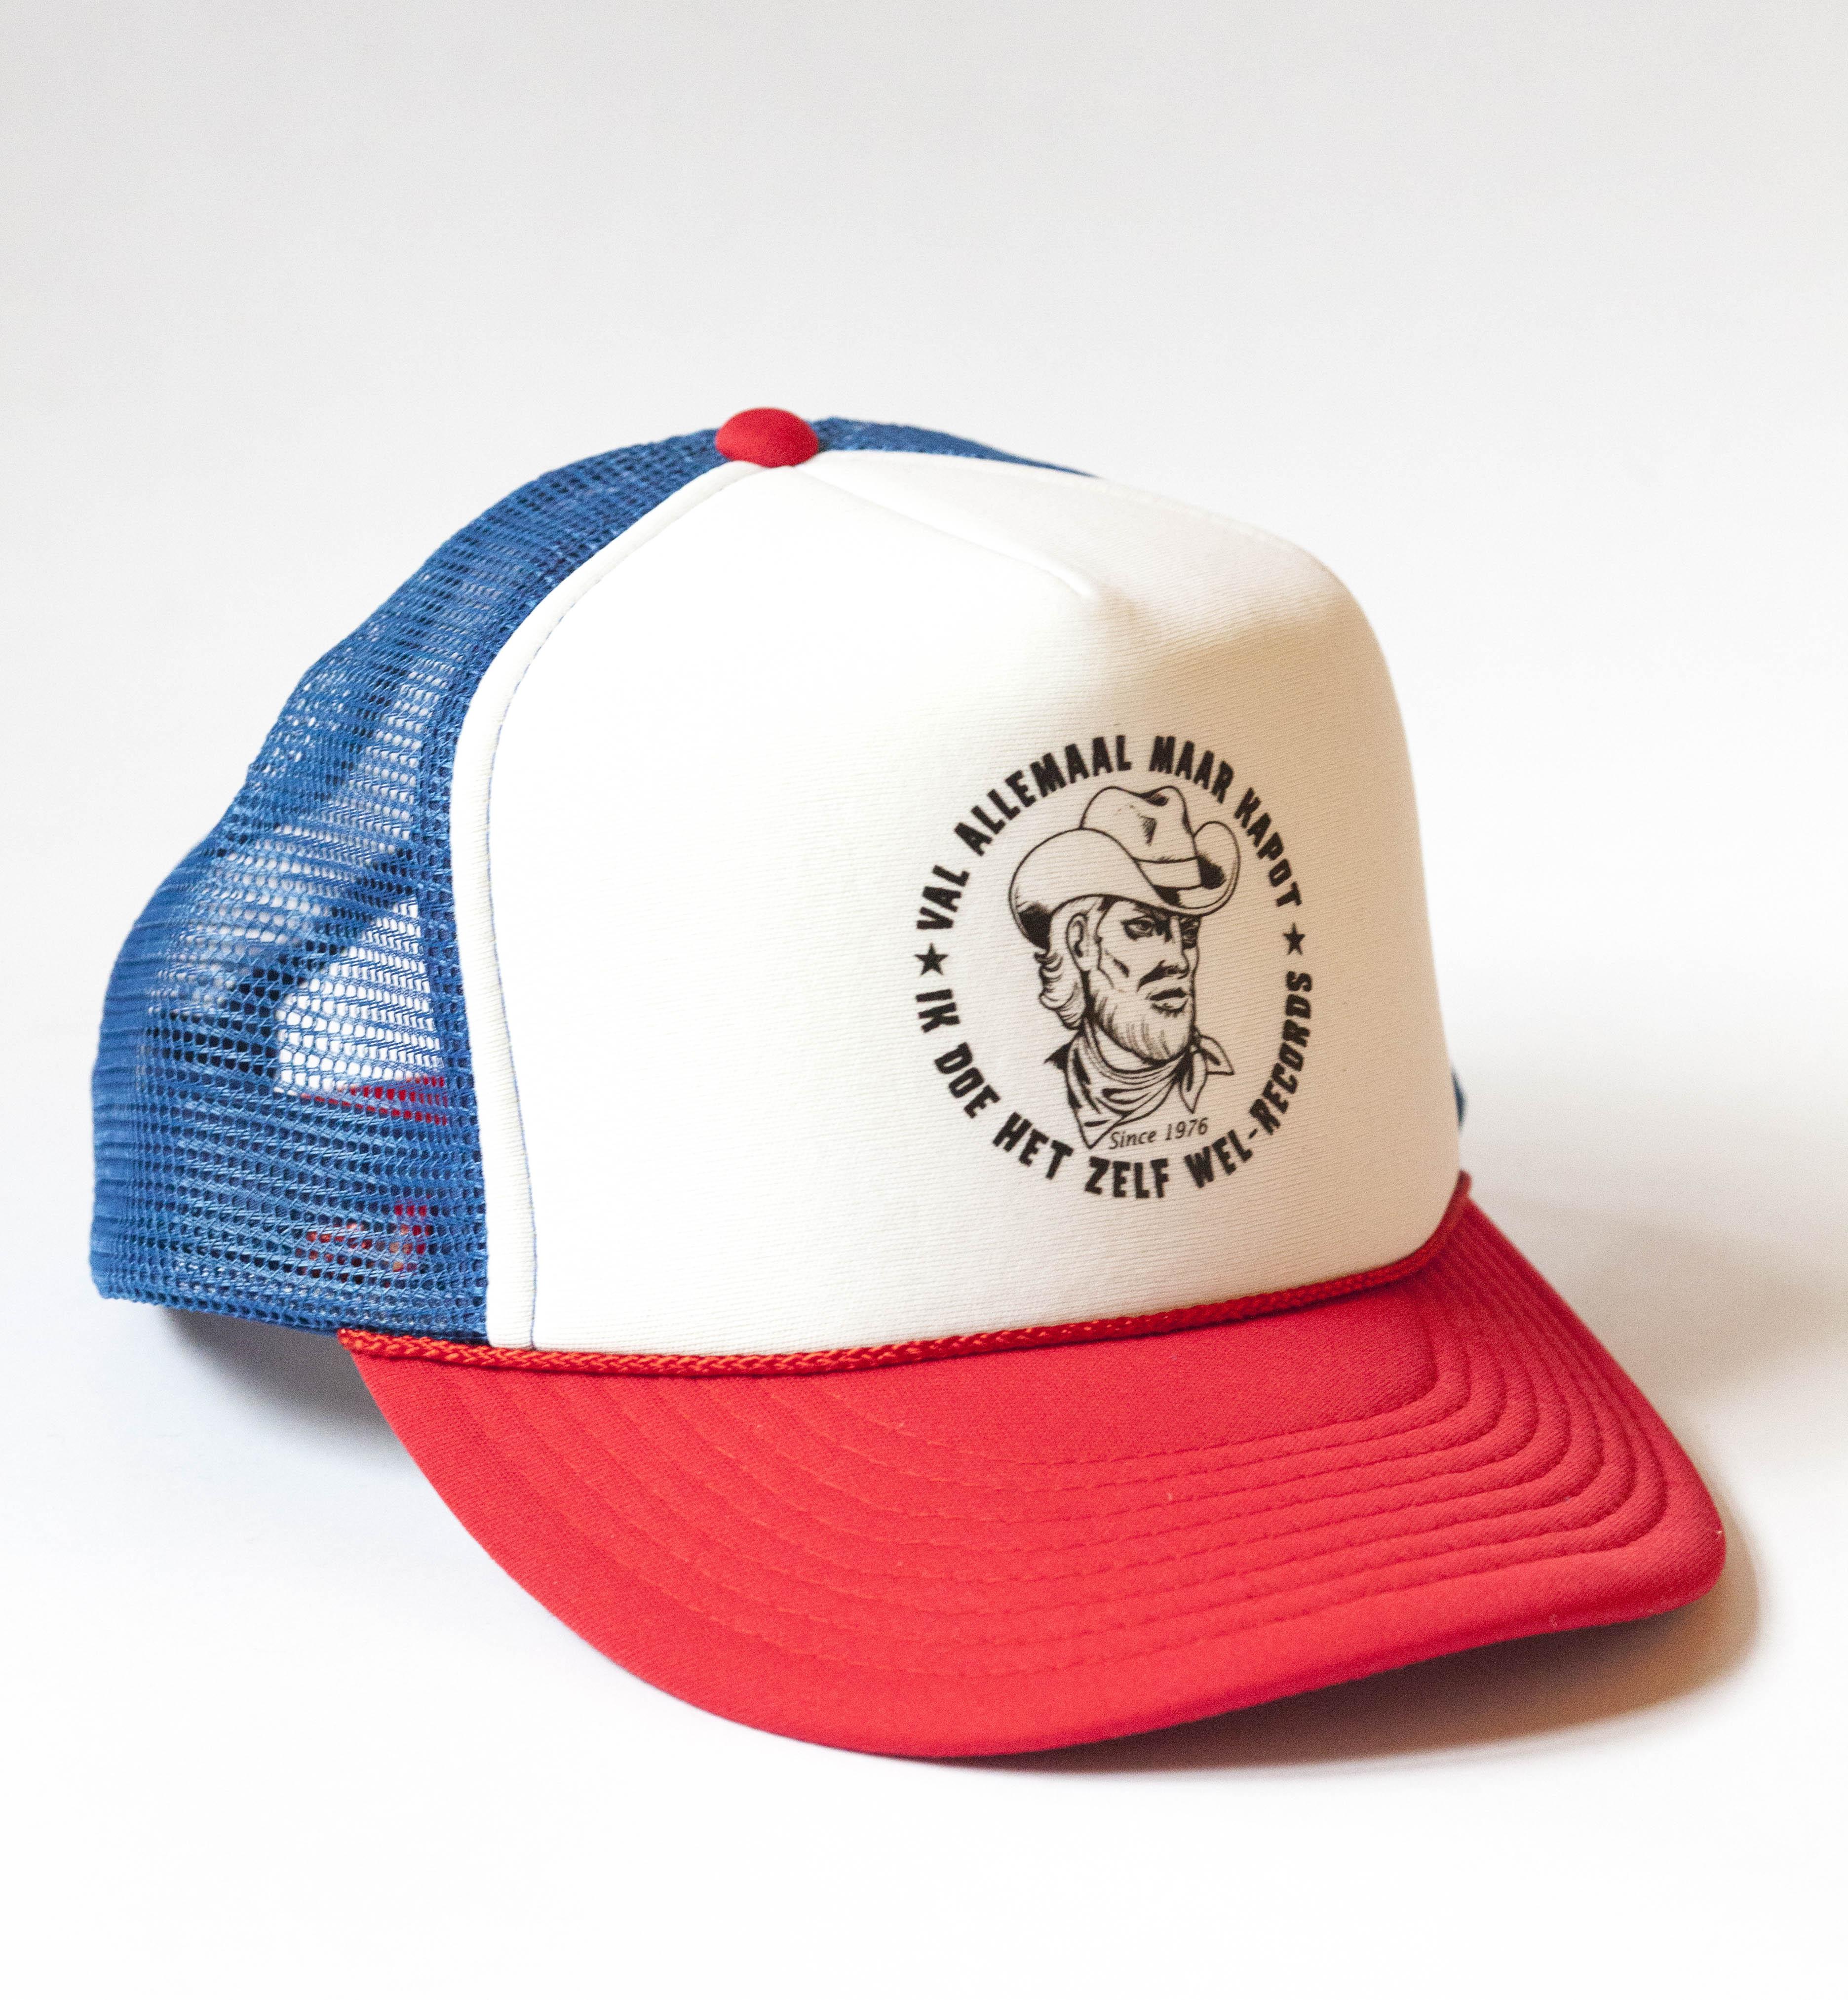 CAP ROOD BLAUW